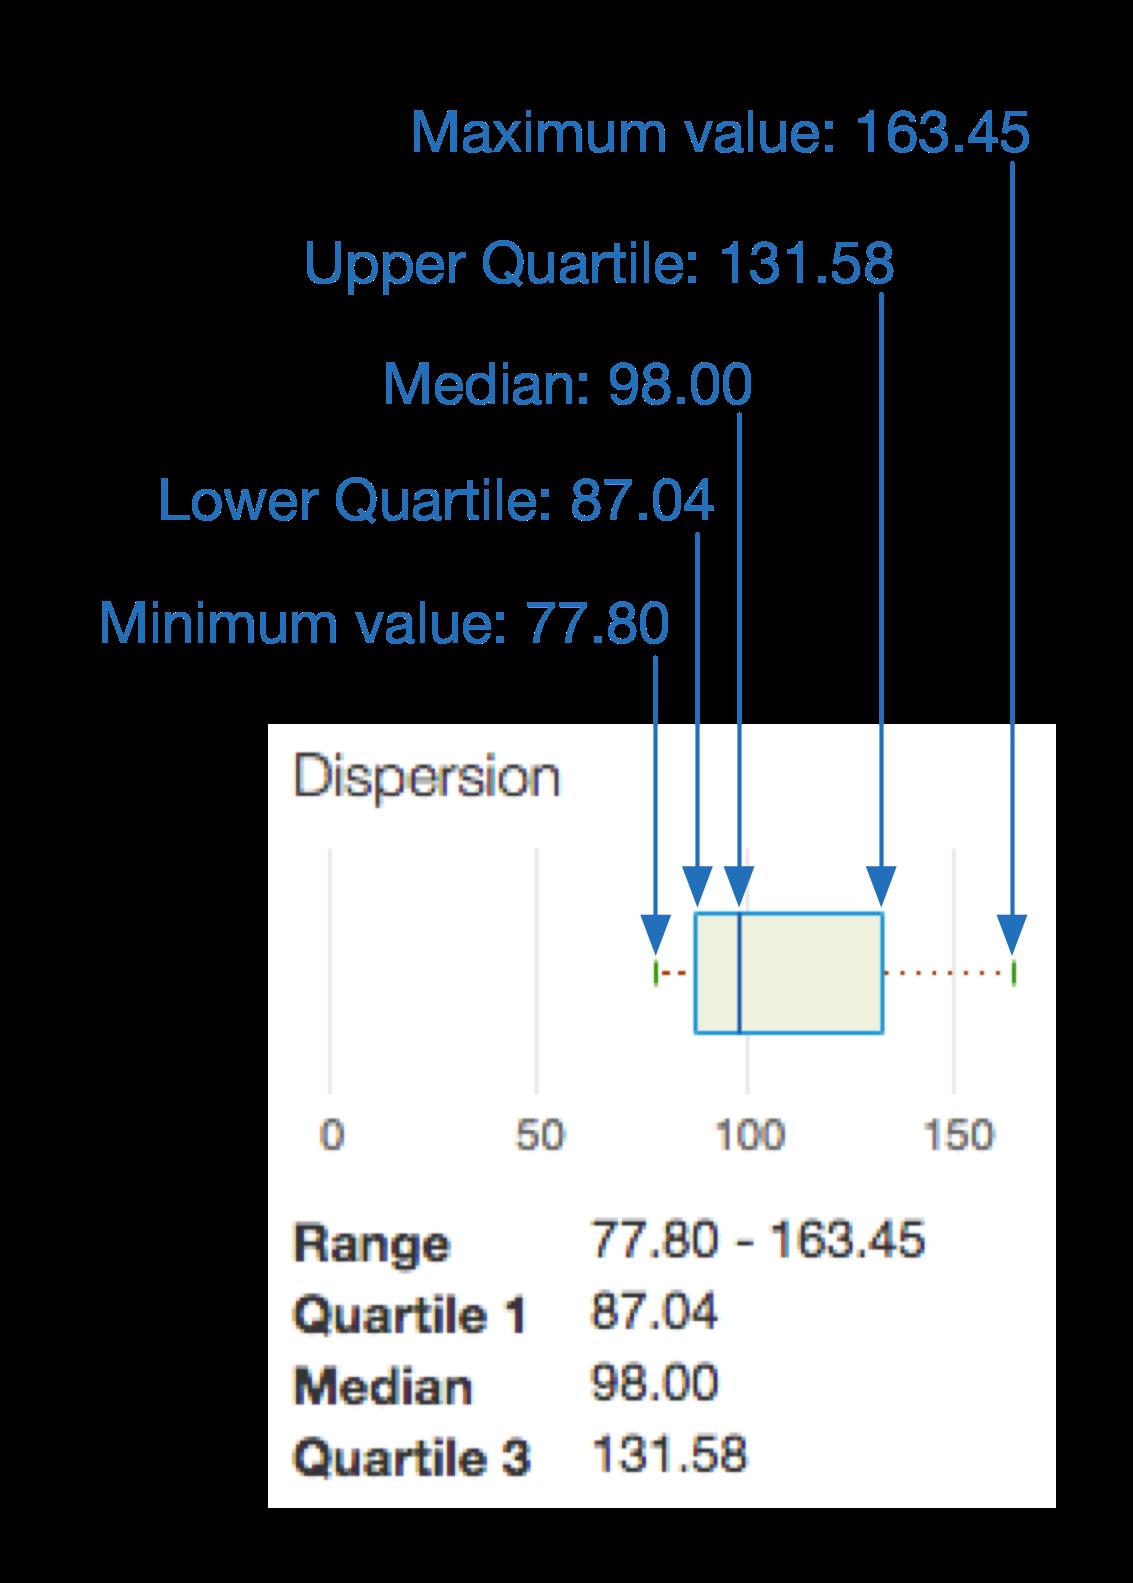 分布箱形图的特写,显示在何处查找最小值、下四分位数、中位数、上四分位数和最大值。